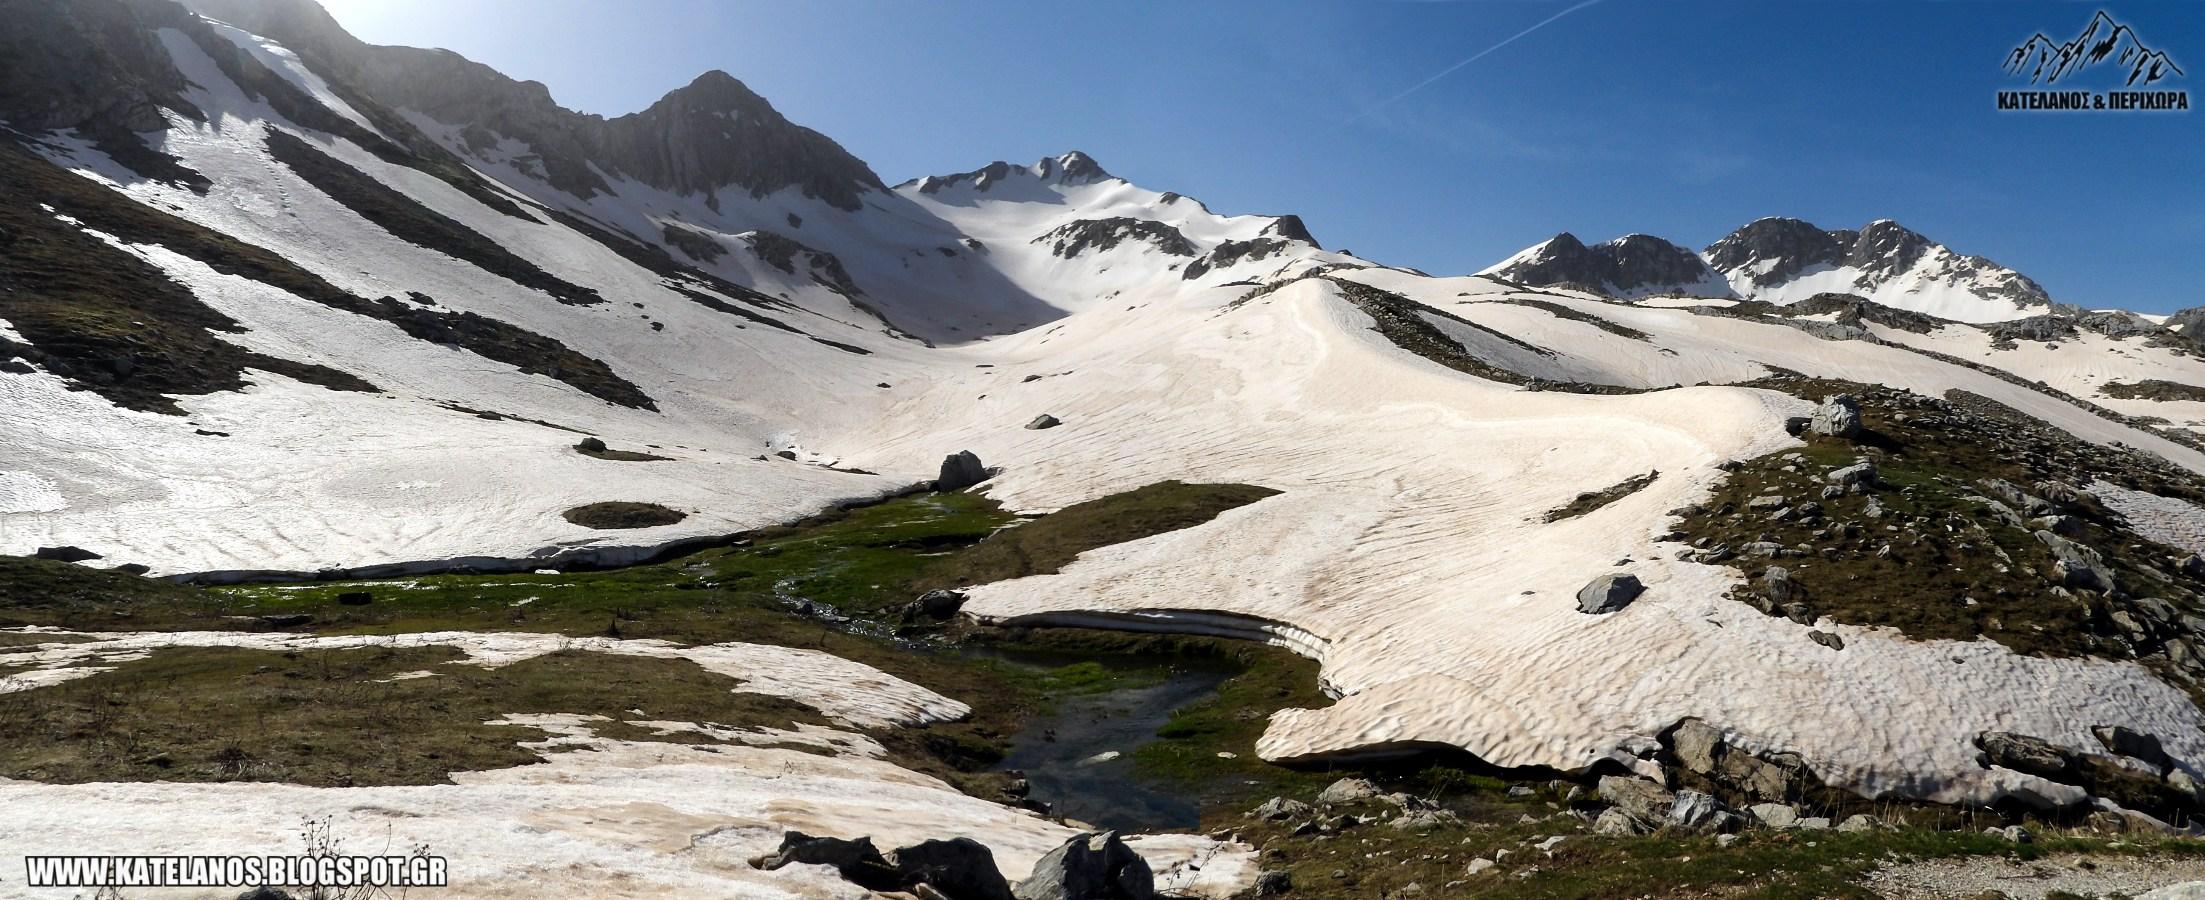 χιονουρες βουνο χατζη τρικαλων